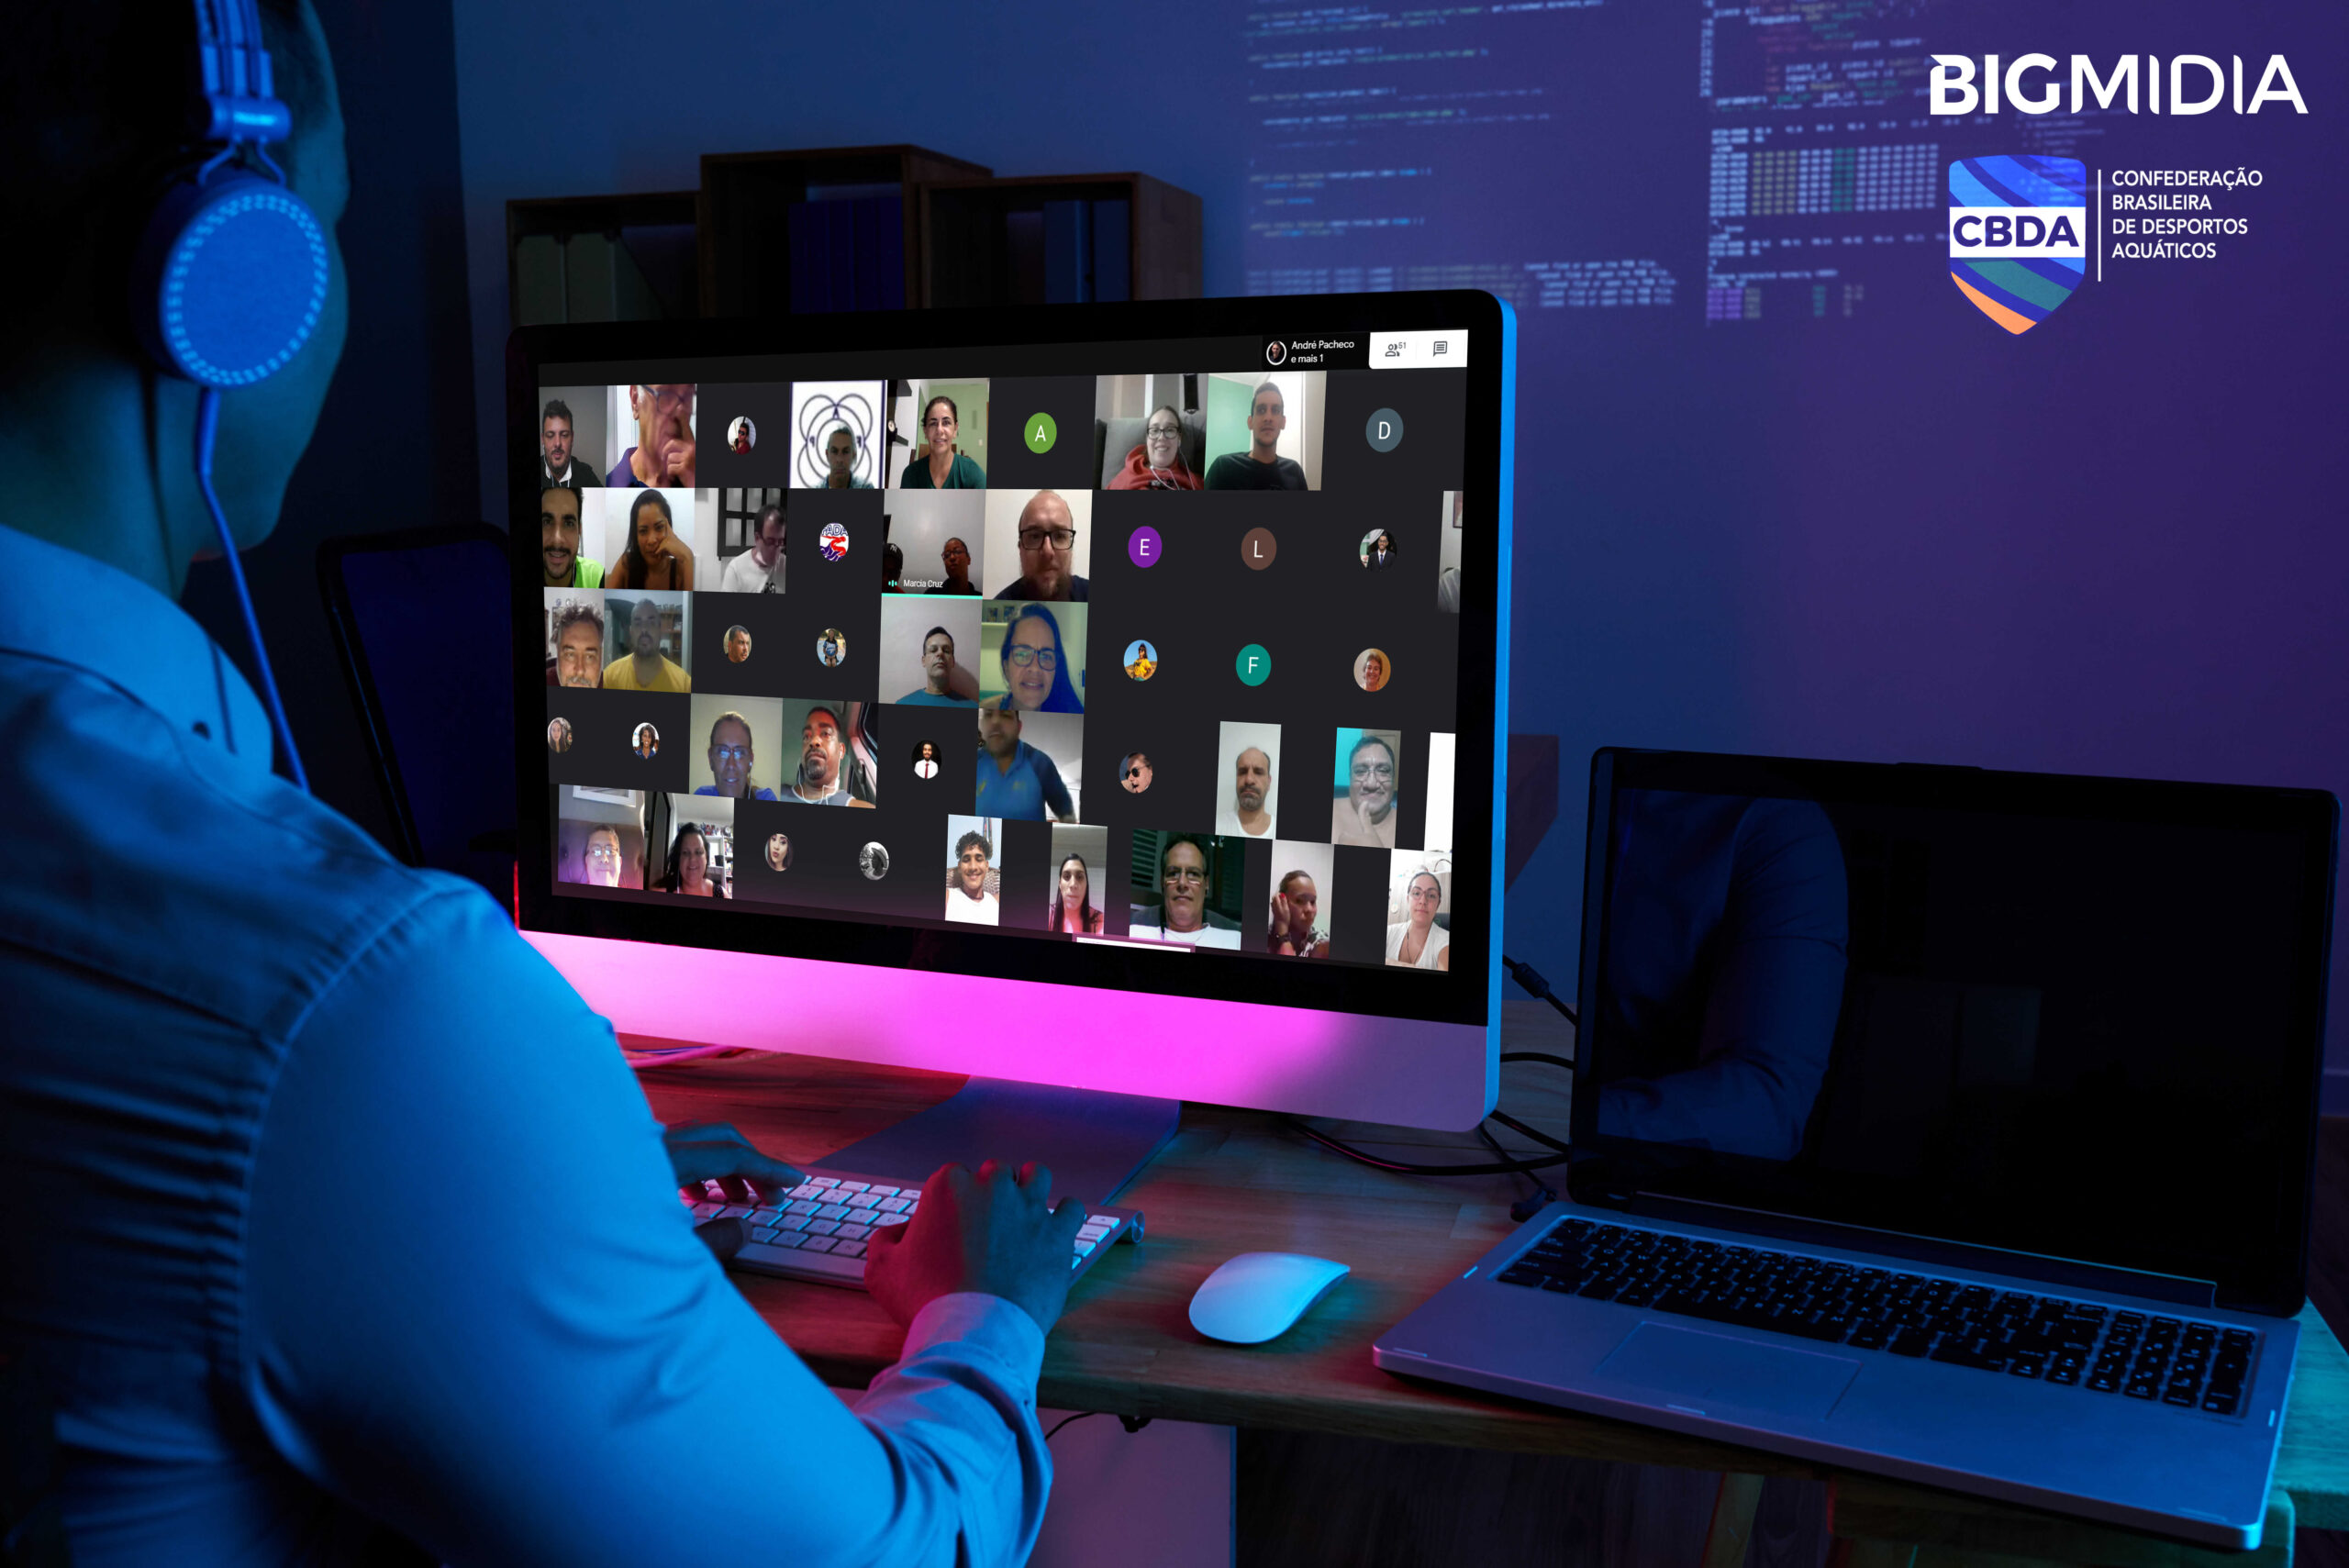 Imagem com uma pessoa de frente para um computador. Na tela do computador estão os participantes do curso online da Bigmidia.